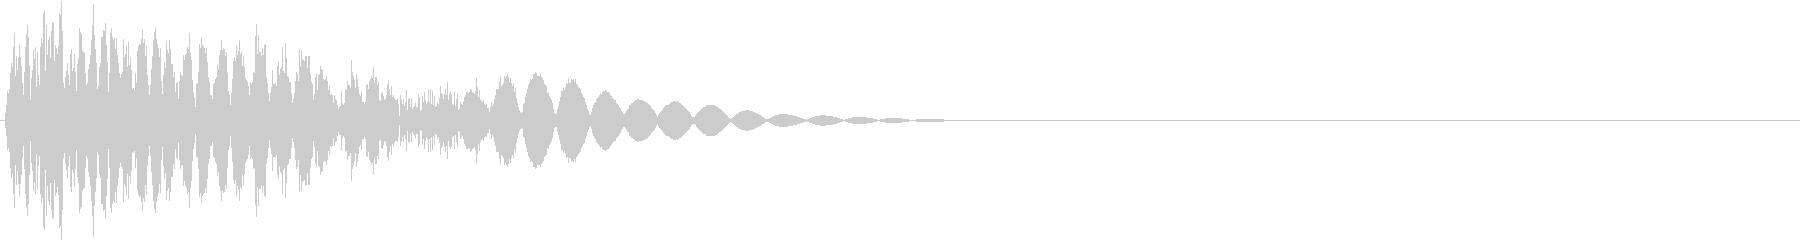 ビシッ(弱キック・物理攻撃・通常攻撃)の未再生の波形